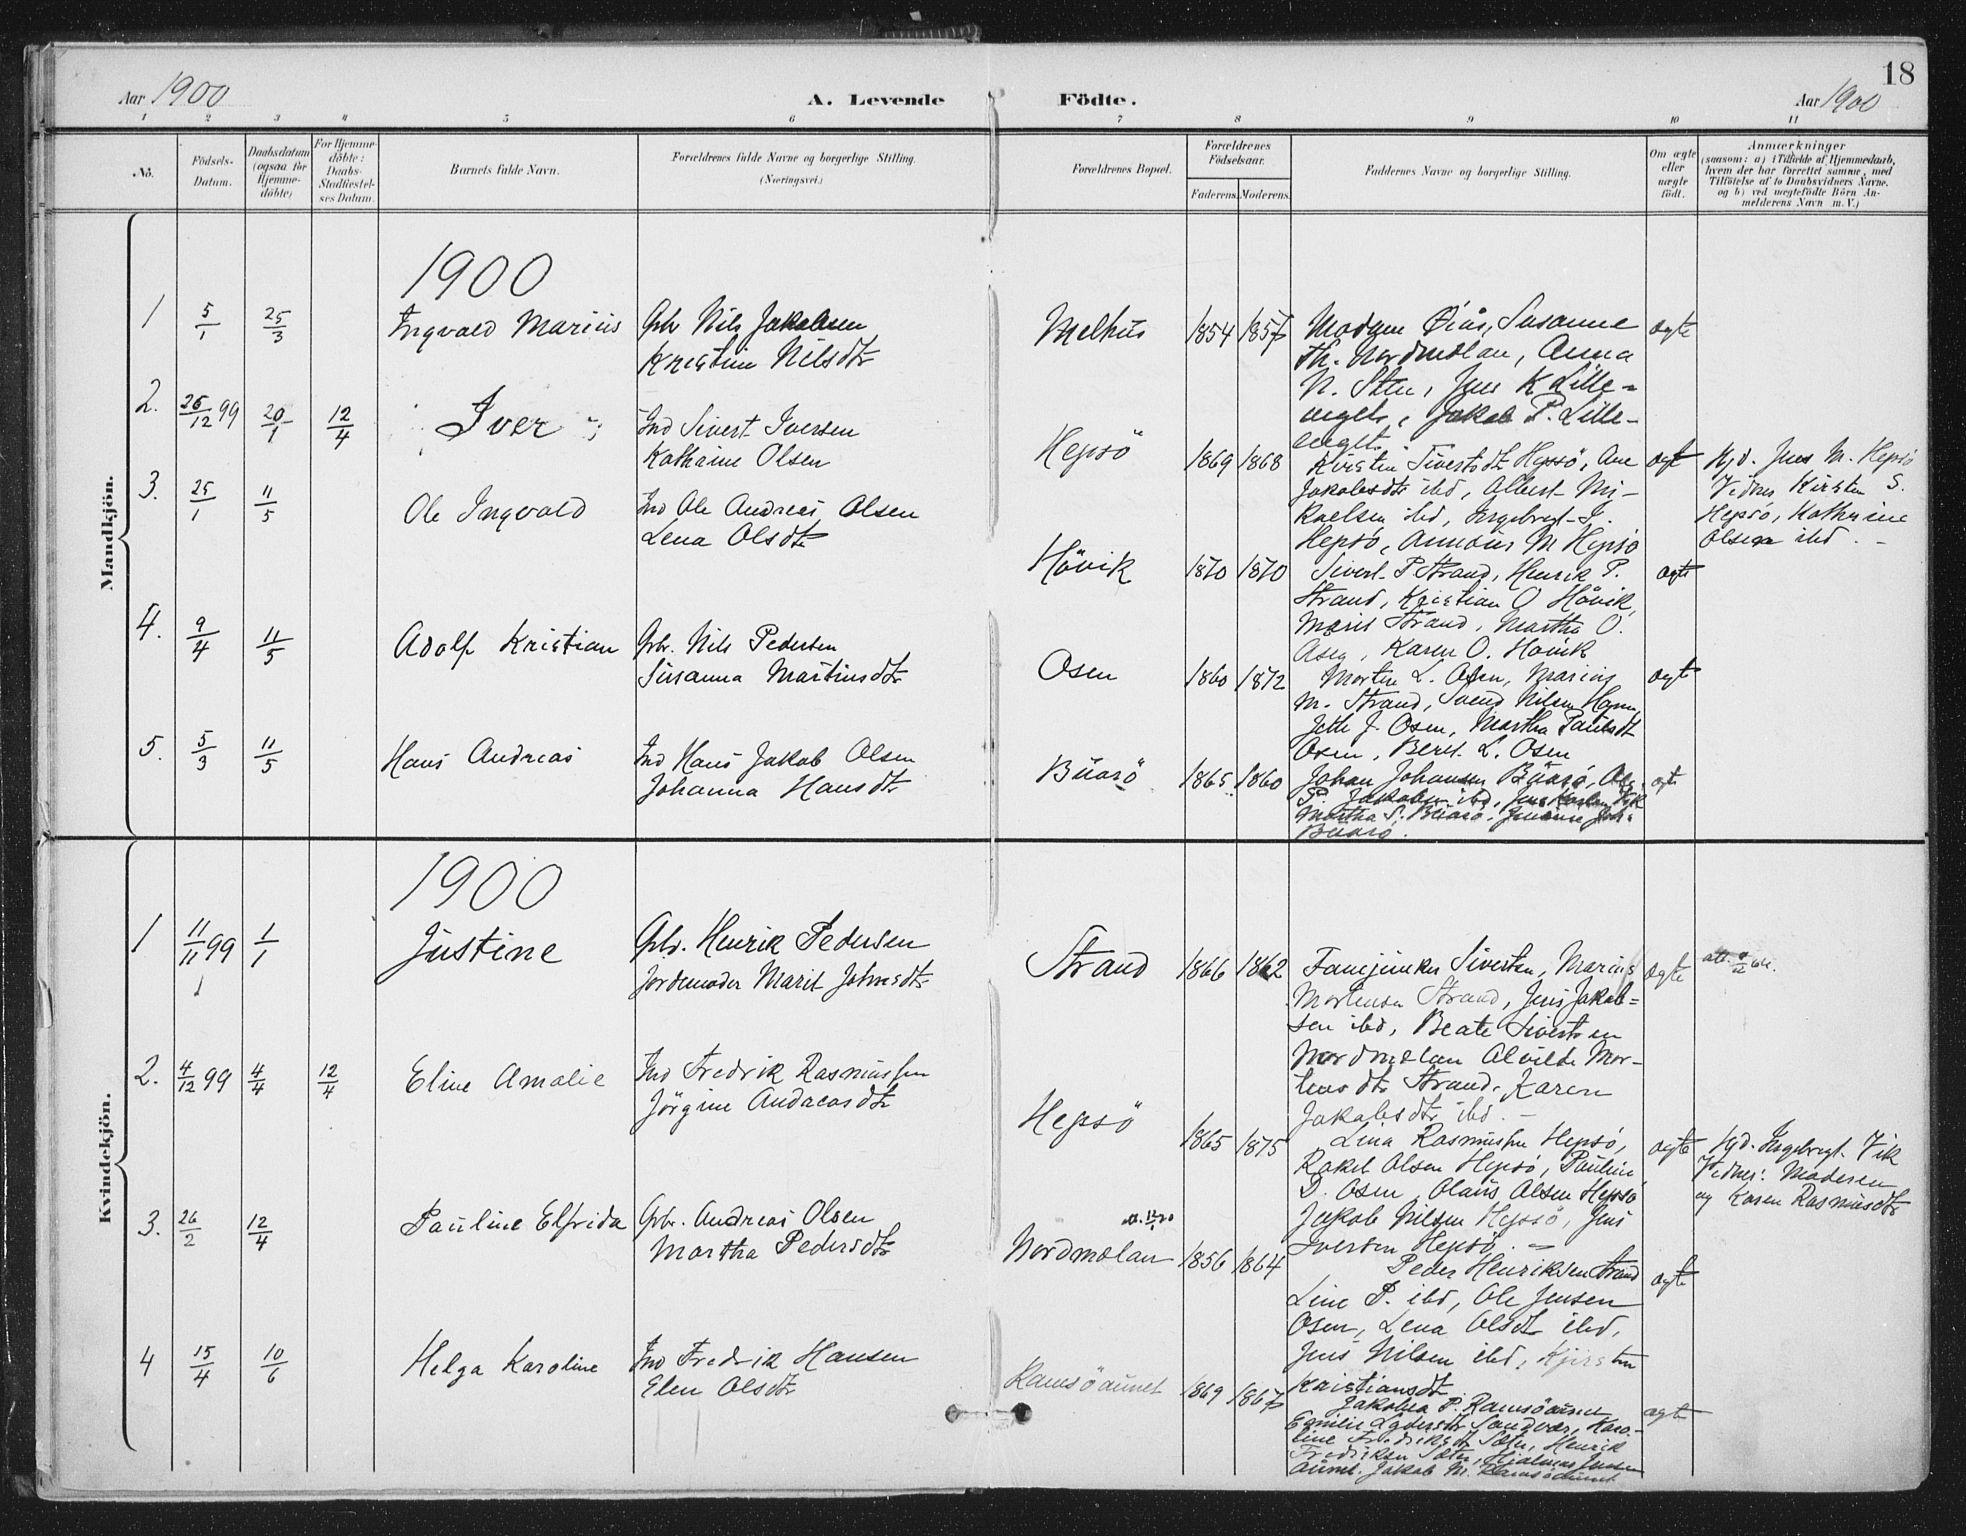 SAT, Ministerialprotokoller, klokkerbøker og fødselsregistre - Sør-Trøndelag, 658/L0723: Ministerialbok nr. 658A02, 1897-1912, s. 18